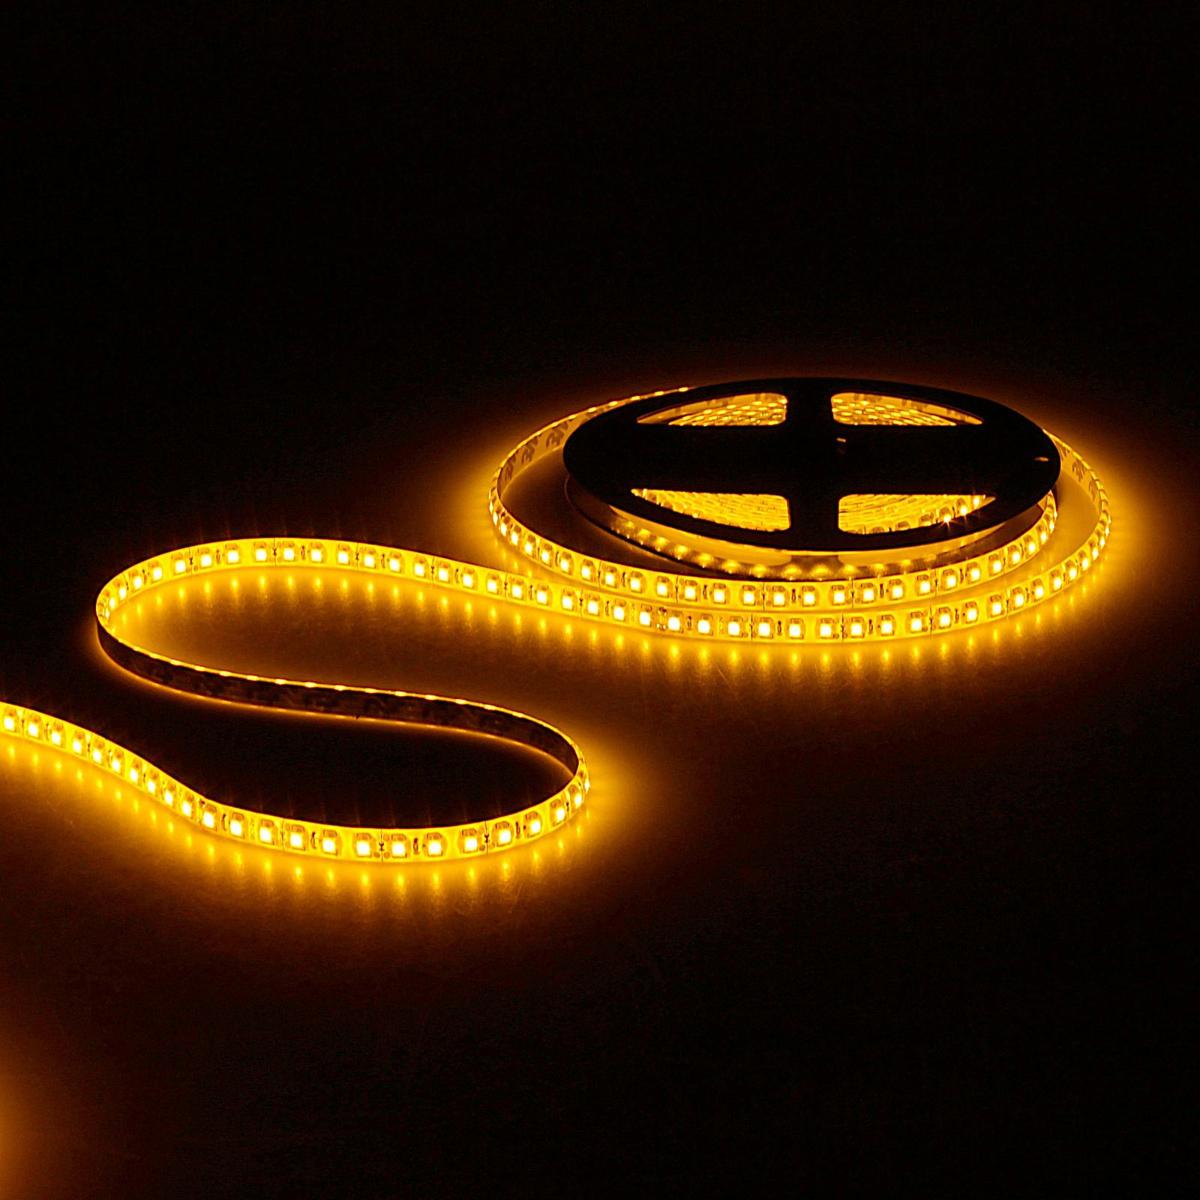 Светодиодная лента Sima-land, 12В, SMD3528, длина 5 м, IP65, 120 LED ламп, 9.6 Вт/м, 6-7 Лм/1 LED, DC, цвет: желтый. 848548 светодиодная лента luazon 12в smd3528 длина 5 м ip68 60 led ламп 4 8 вт м 6 7 лм 1 led dc цвет фиолетовый